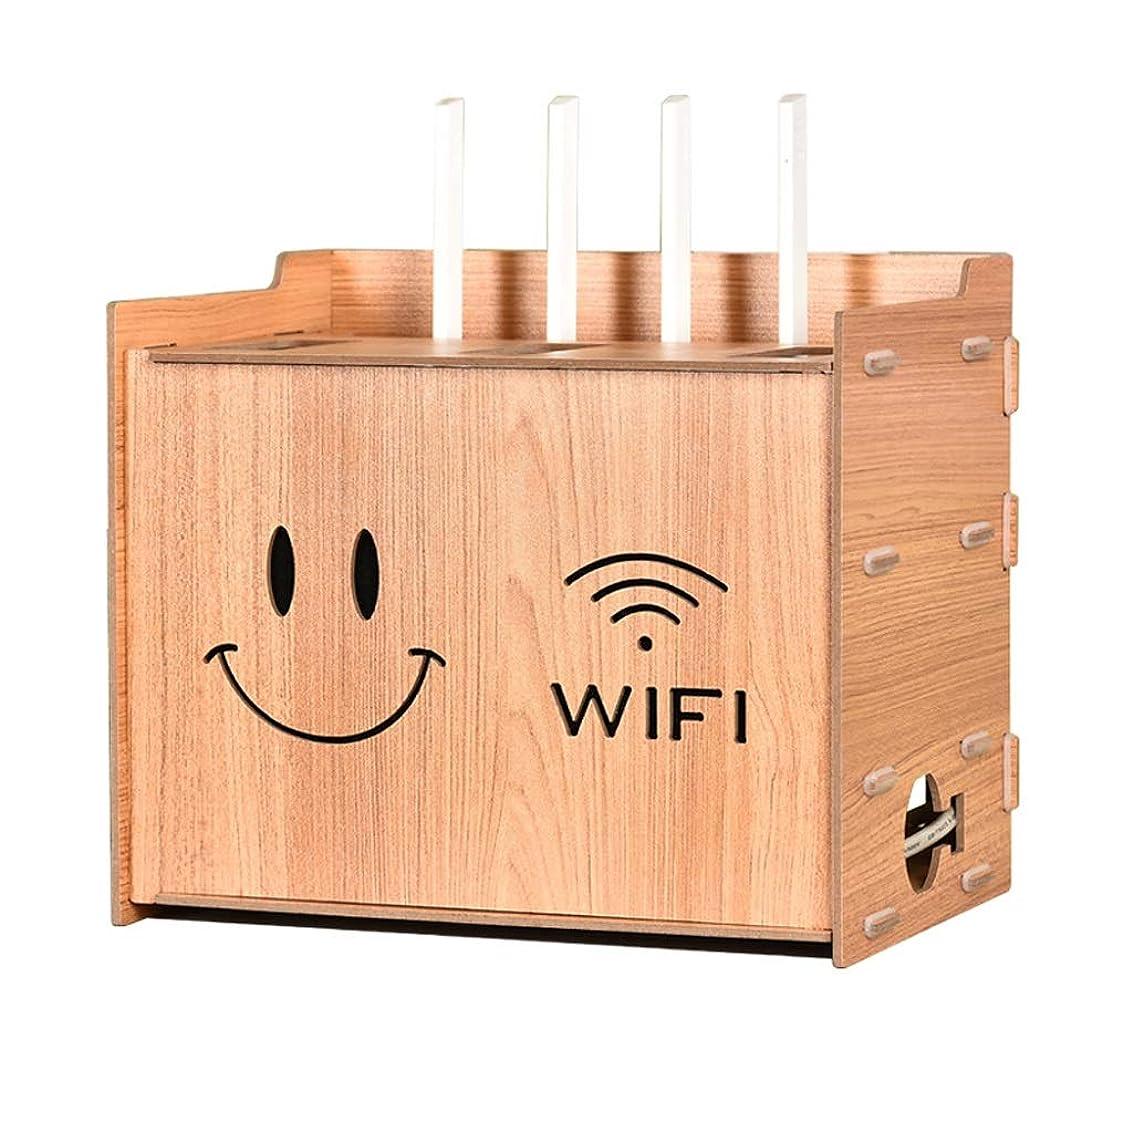 母性添付発行ウォールシェルフフローティング棚壁掛けテレビの棚セットトップボックスルーターDVDプレーヤー棚ソケット電源コード収納棚デスクトップストレージ仕上げボックス (Color : Wood color)